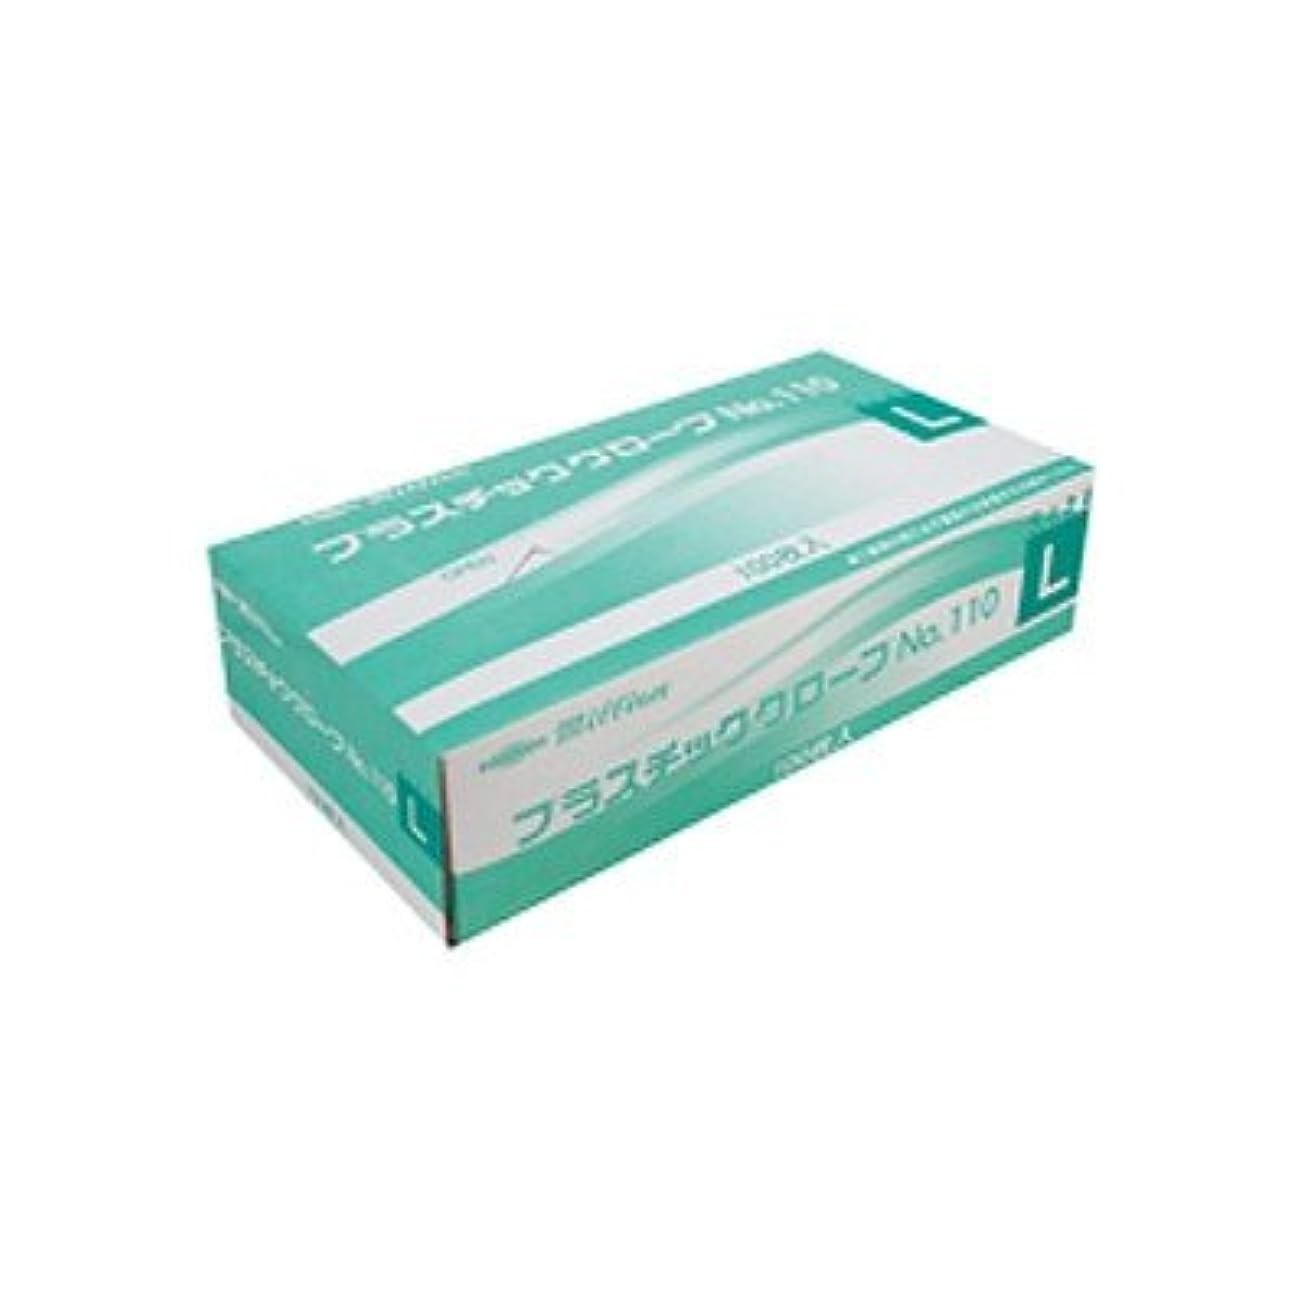 売り手誰が情緒的ミリオン プラスチック手袋 粉付 No.110 L 品番:LH-110-L 注文番号:62741507 メーカー:共和